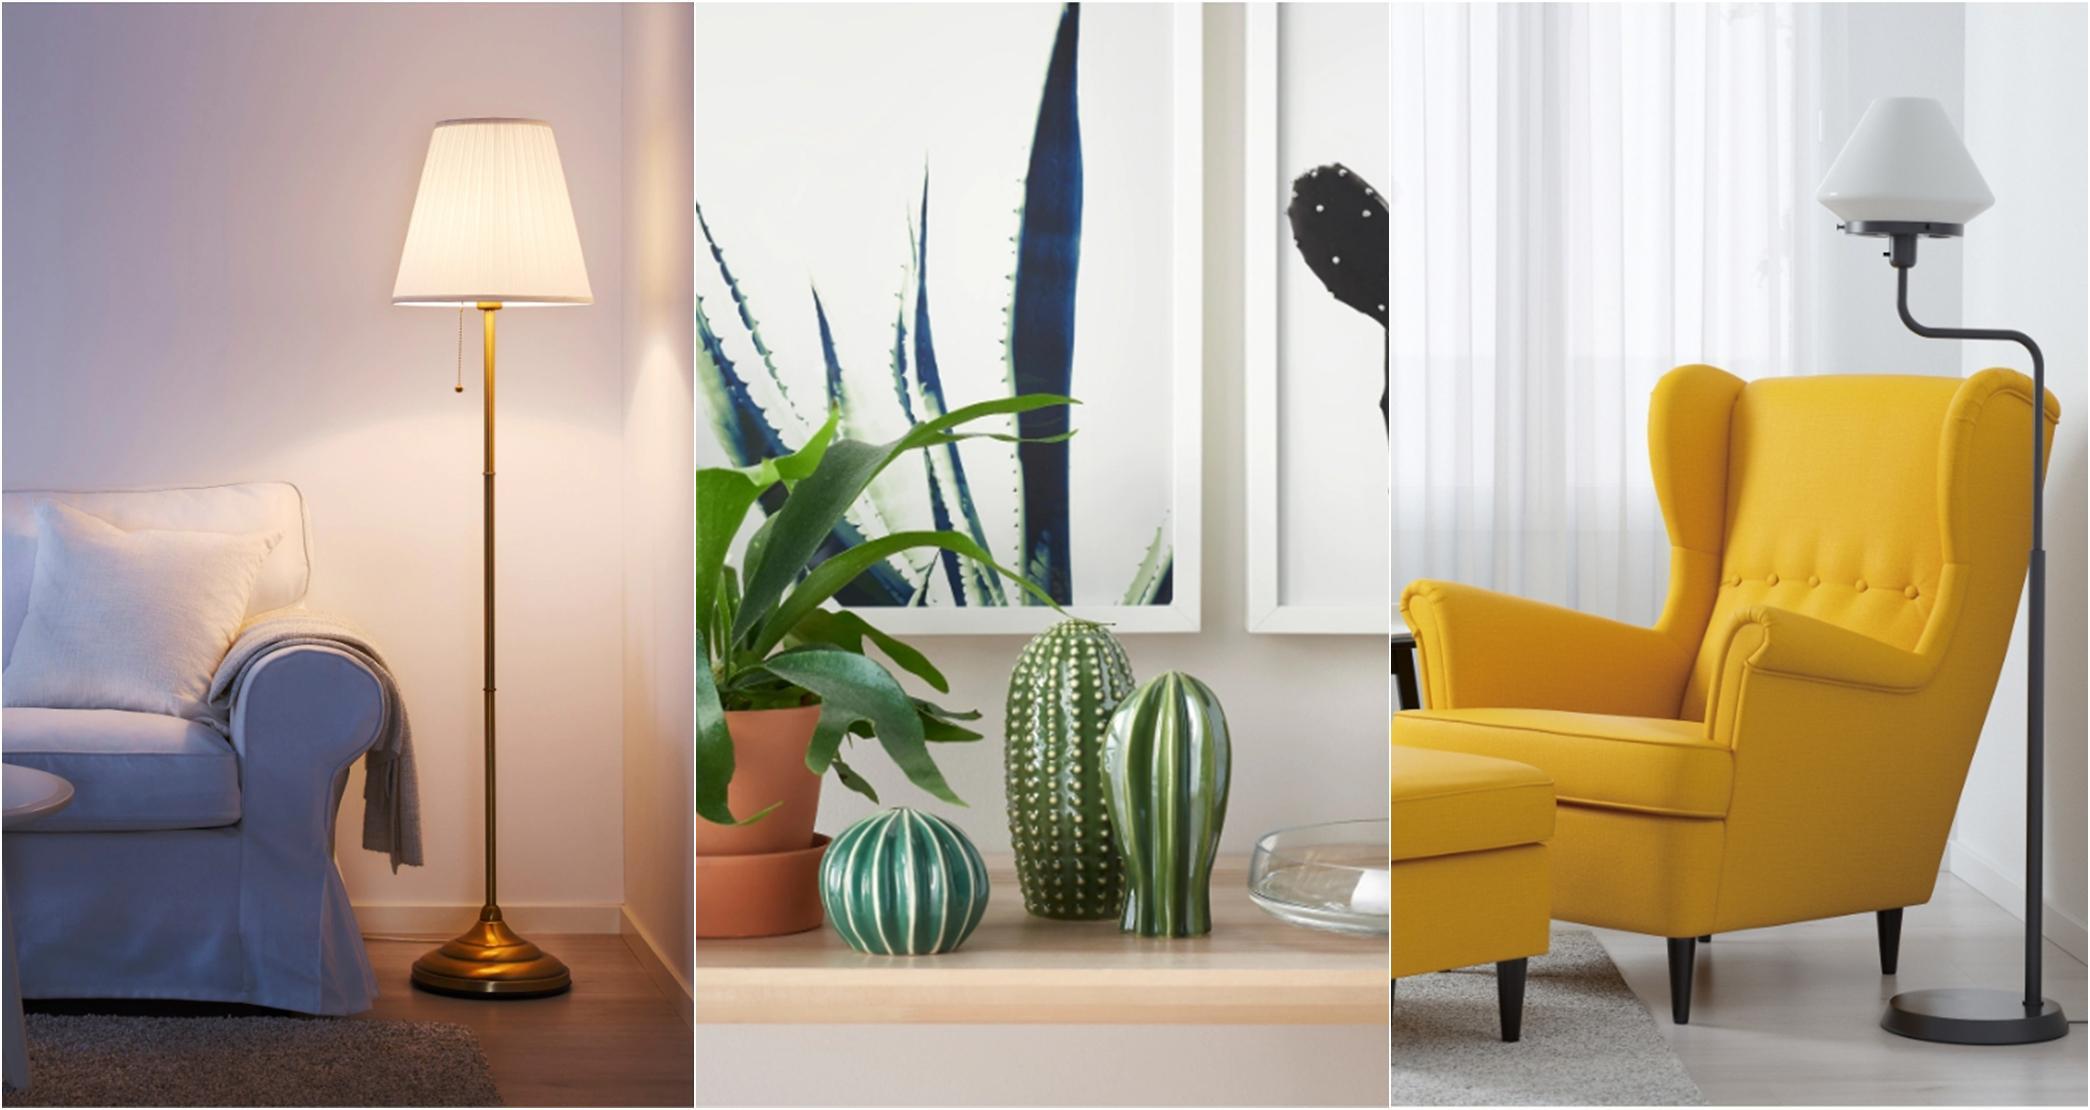 รูปบทความ 5 ไอเทมจาก IKEA แต่งห้องนอนยังไงให้น่านอนมากยิ่งขึ้น